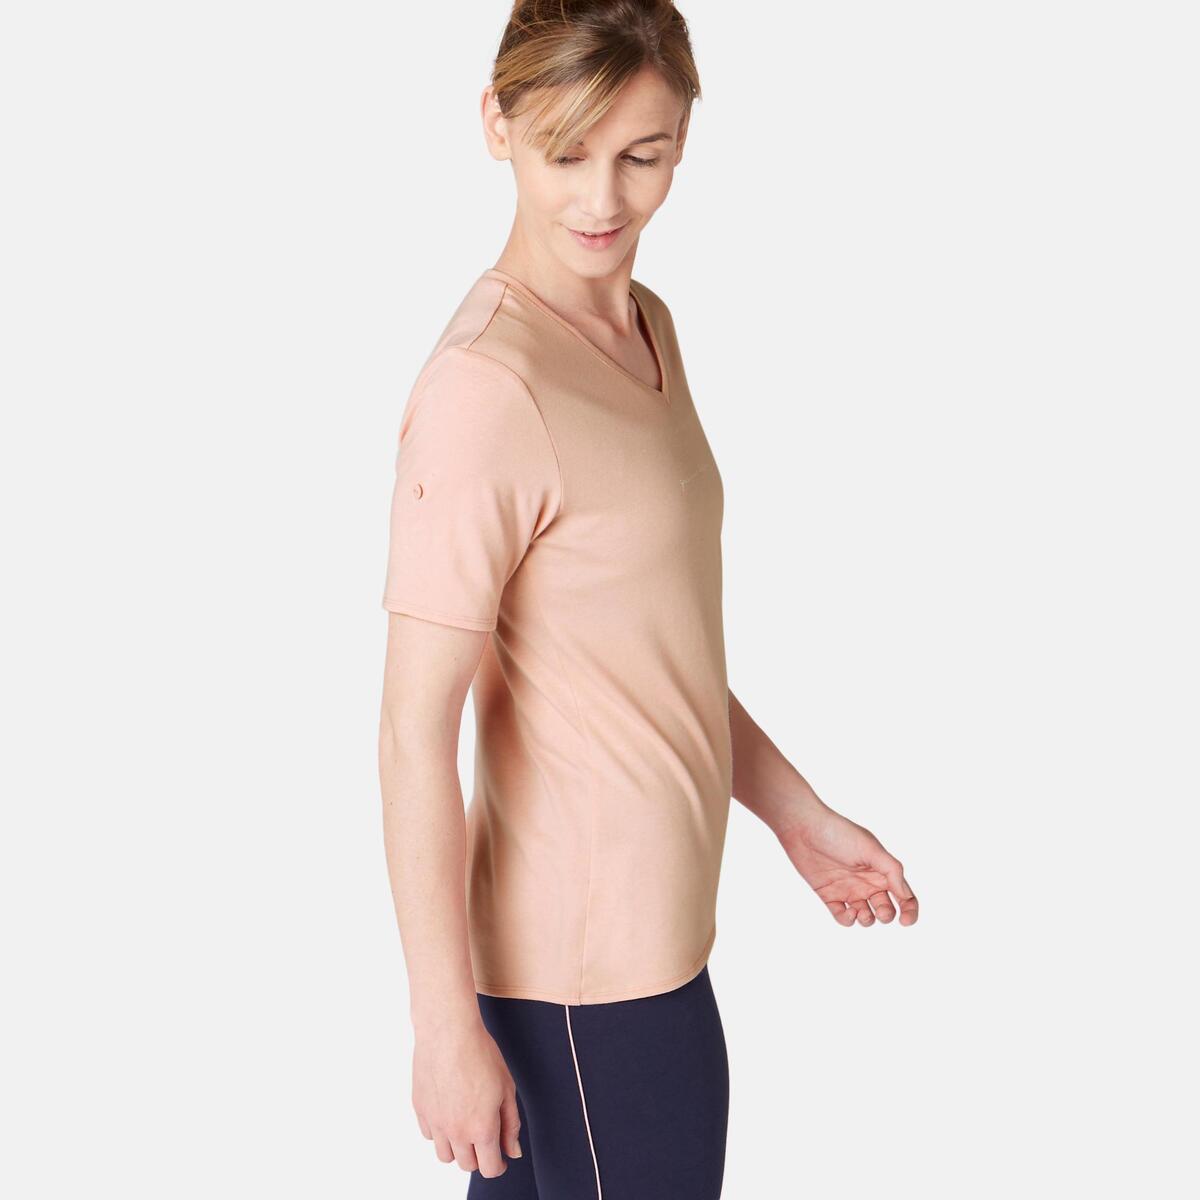 Bild 2 von T-Shirt Regular 510 Pilates sanfte Gym Damen rosa mit Print